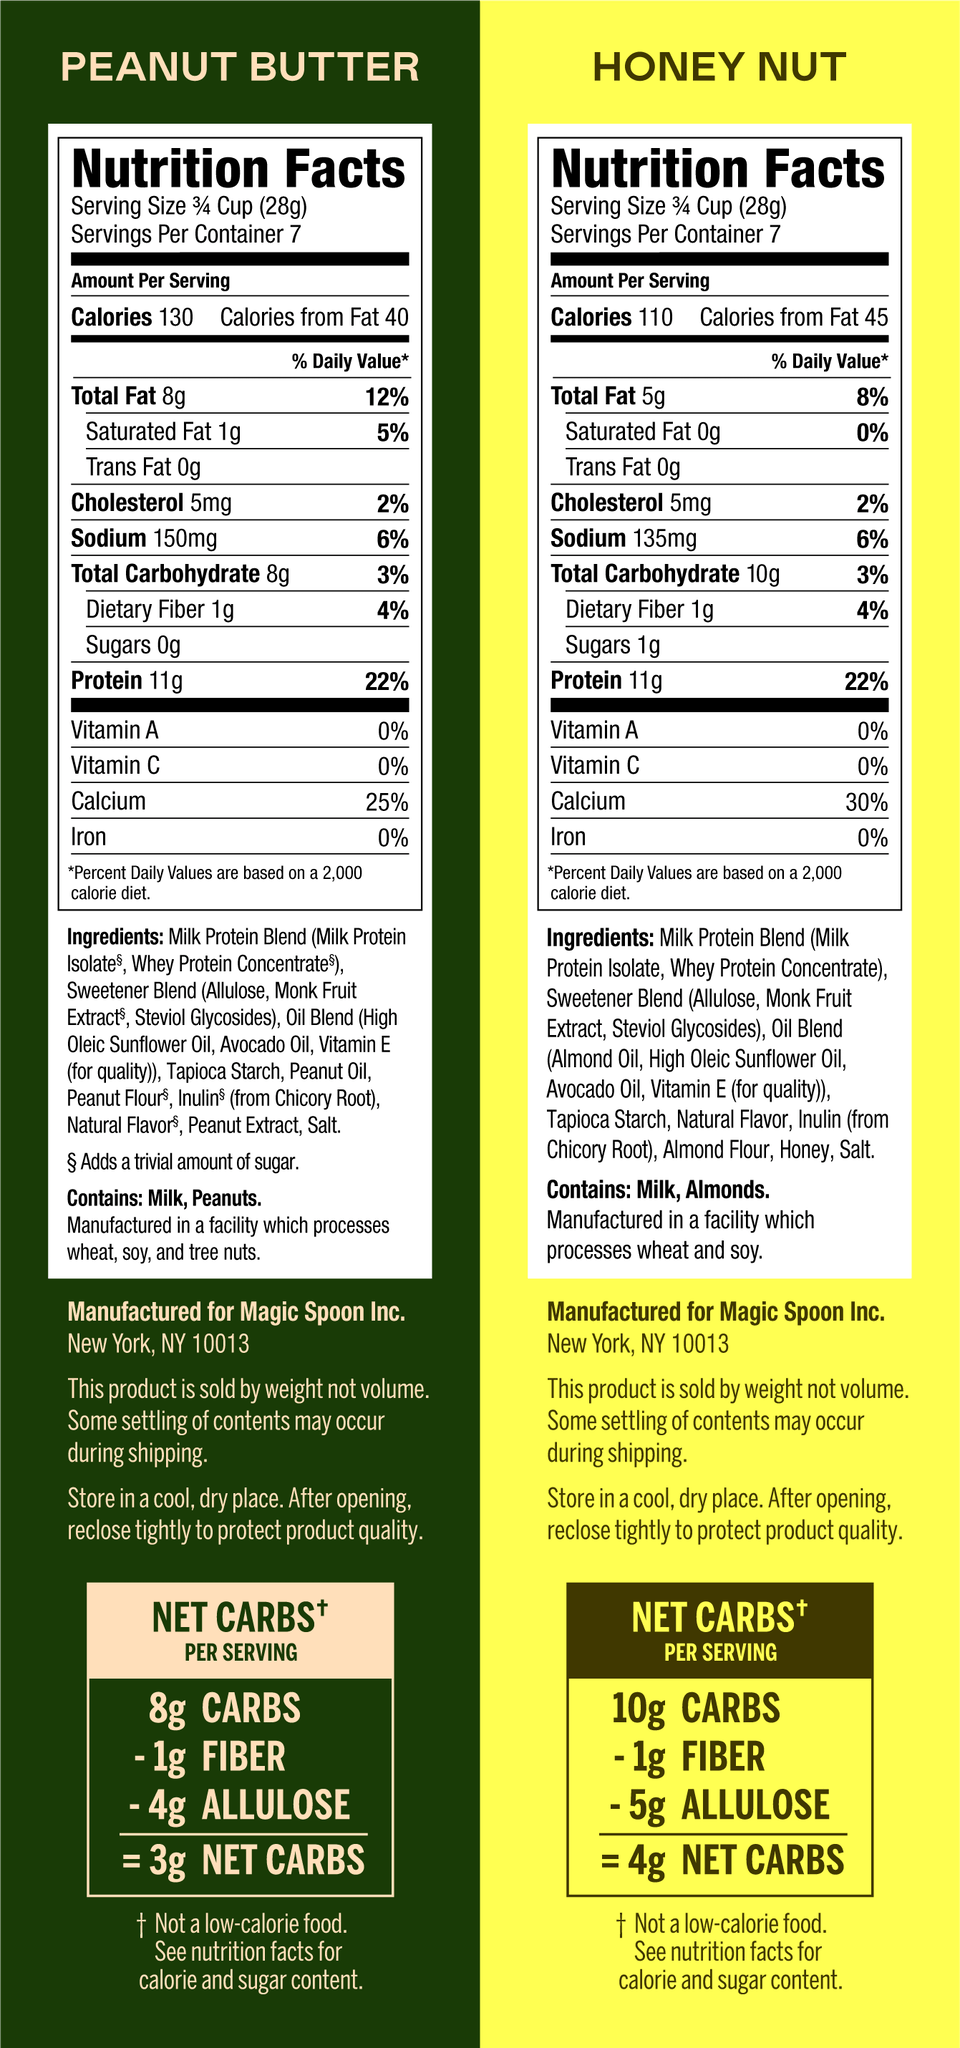 Nutrition comparison chart